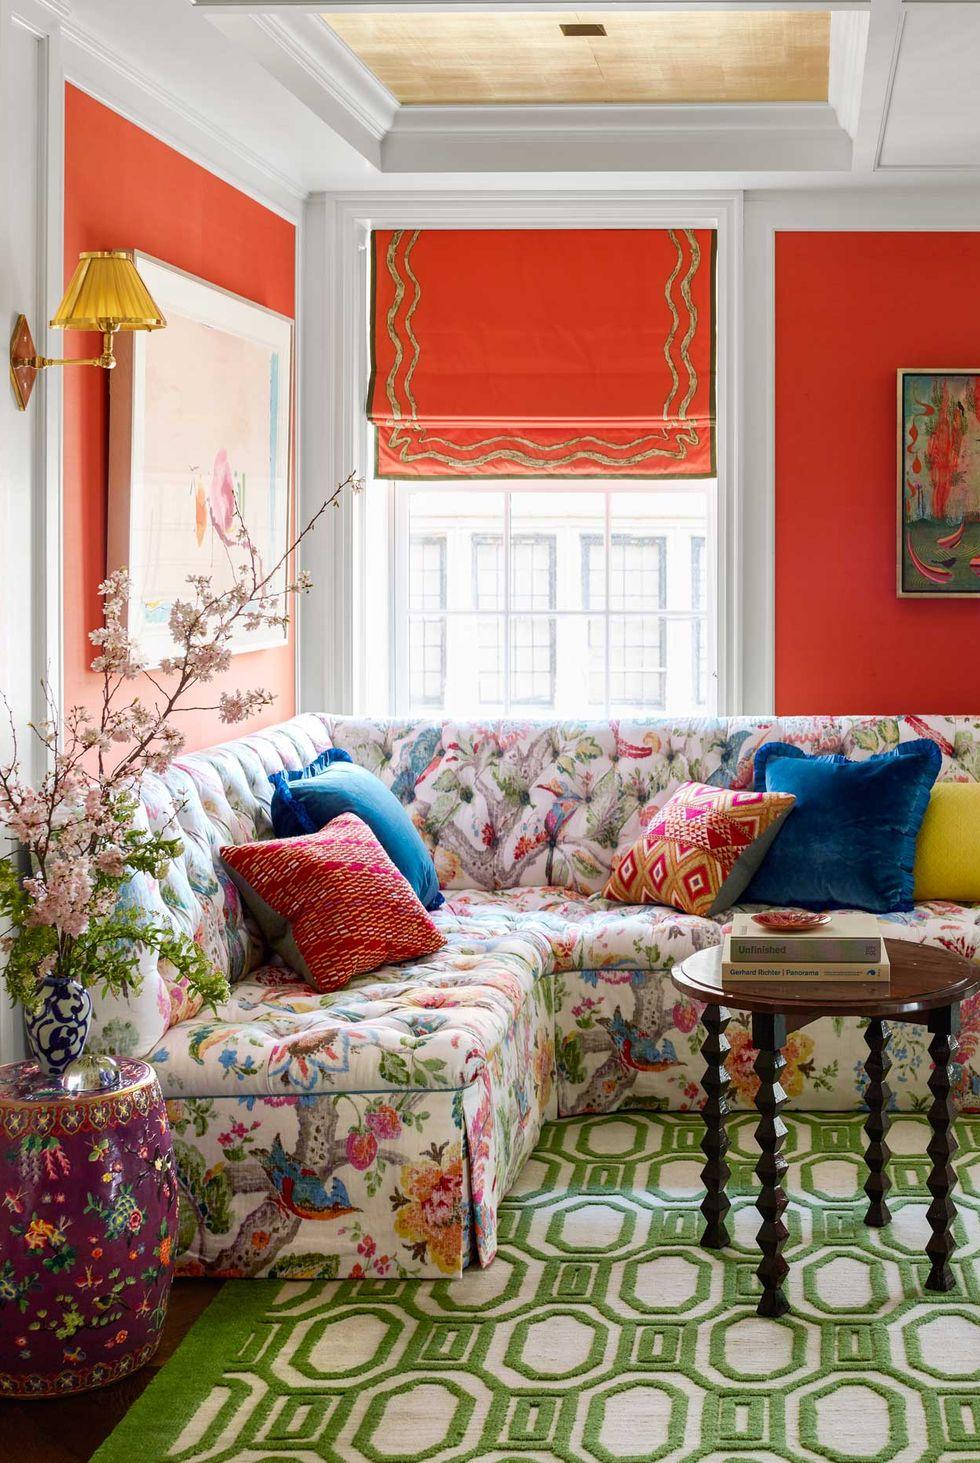 hình ảnh phòng khách nhiều màu sắc với sofa bọc vải hoa, thảm trải màu xanh lá, họa tiết hình học, bức tường màu cam tạo điểm nhấn